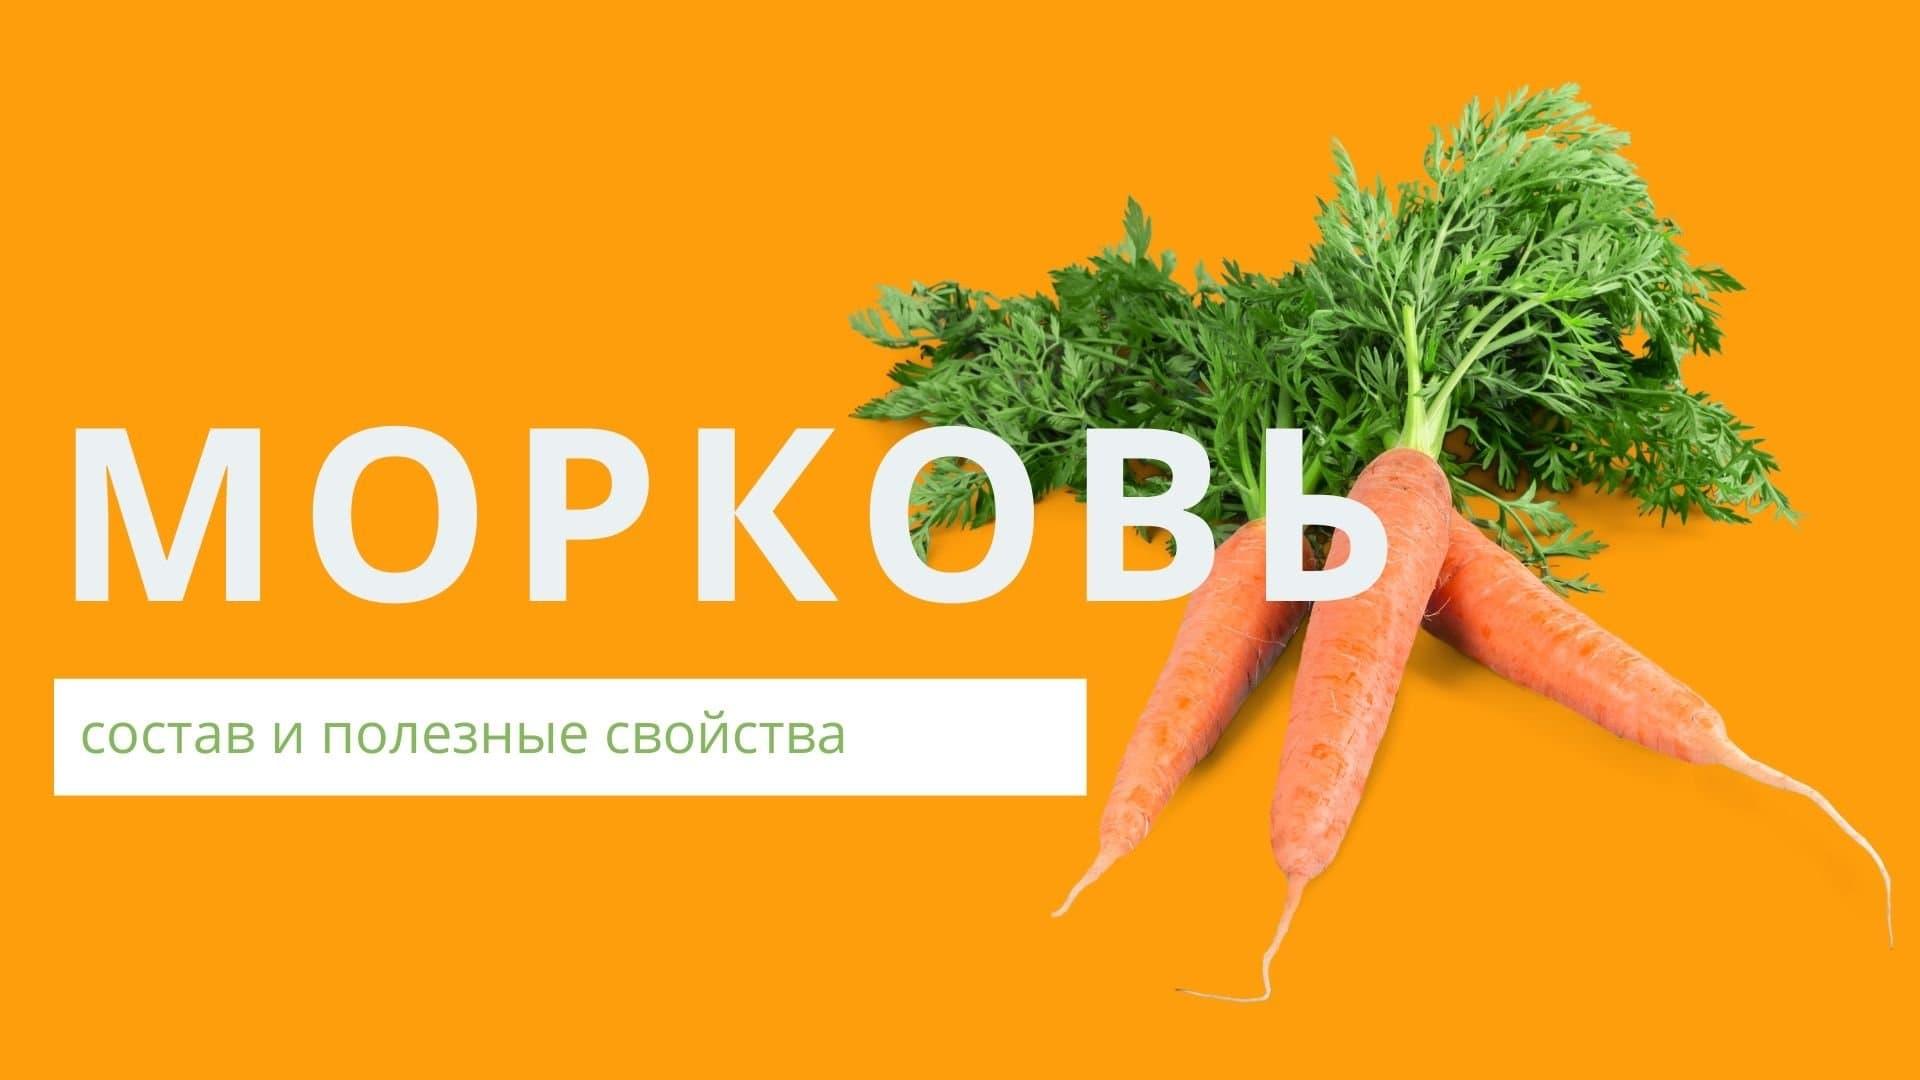 Морковь: состав и полезные свойства, применение в медицине, косметологии, противопоказания и вред овоща